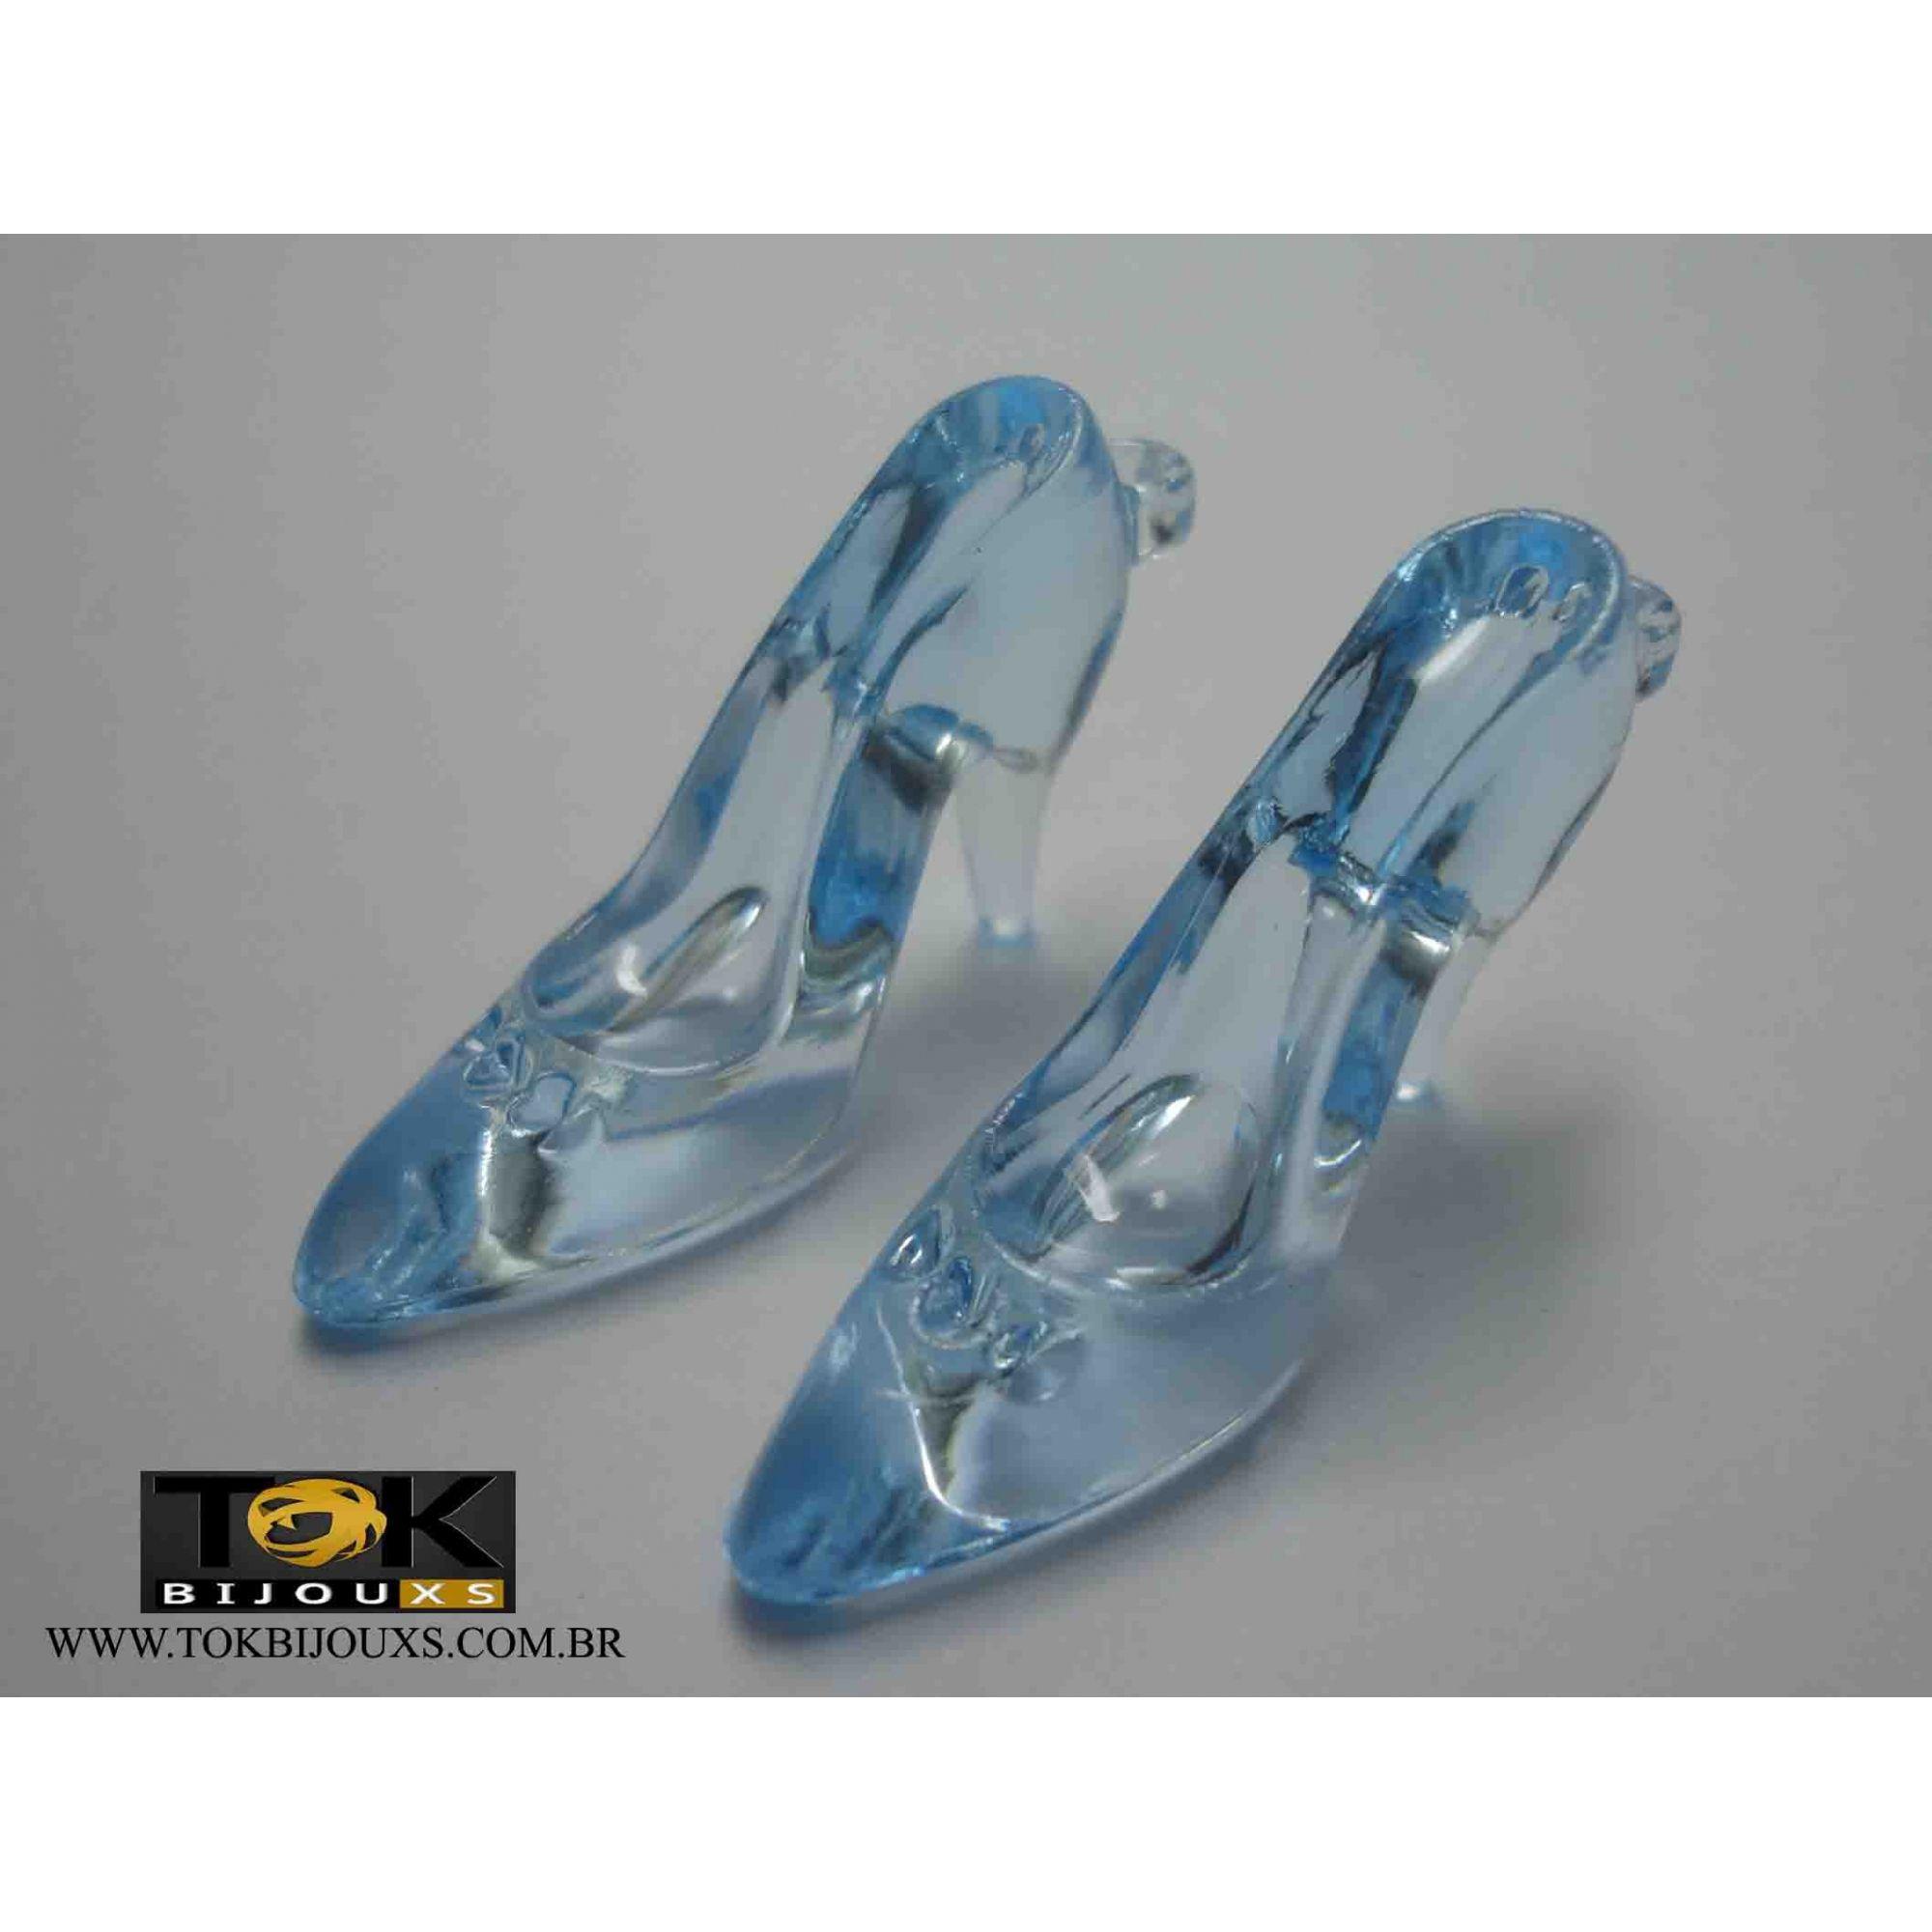 Atacado - Sapato Acrílico Pequeno - Azul Bebe - 500g